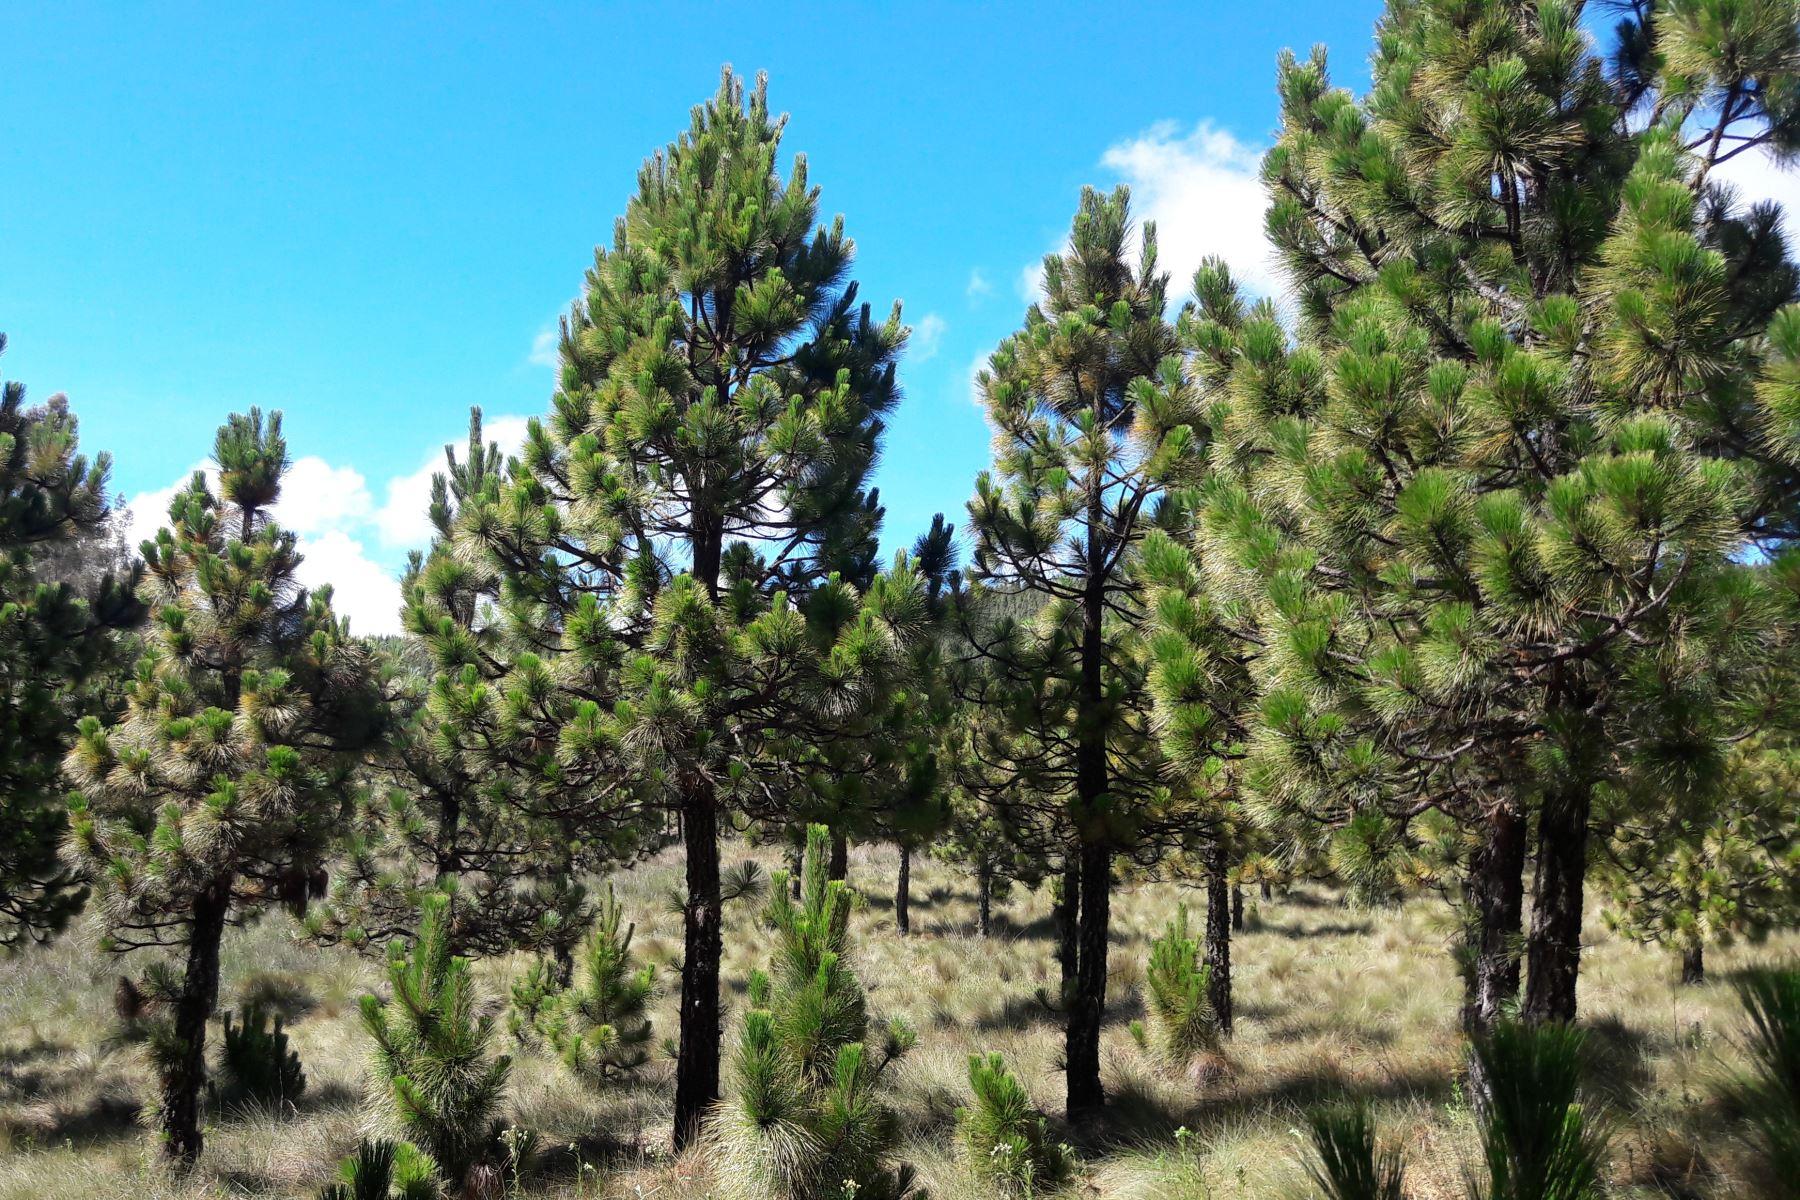 Pino es la plantación forestal con el mayor potencial maderable de Cajamarca